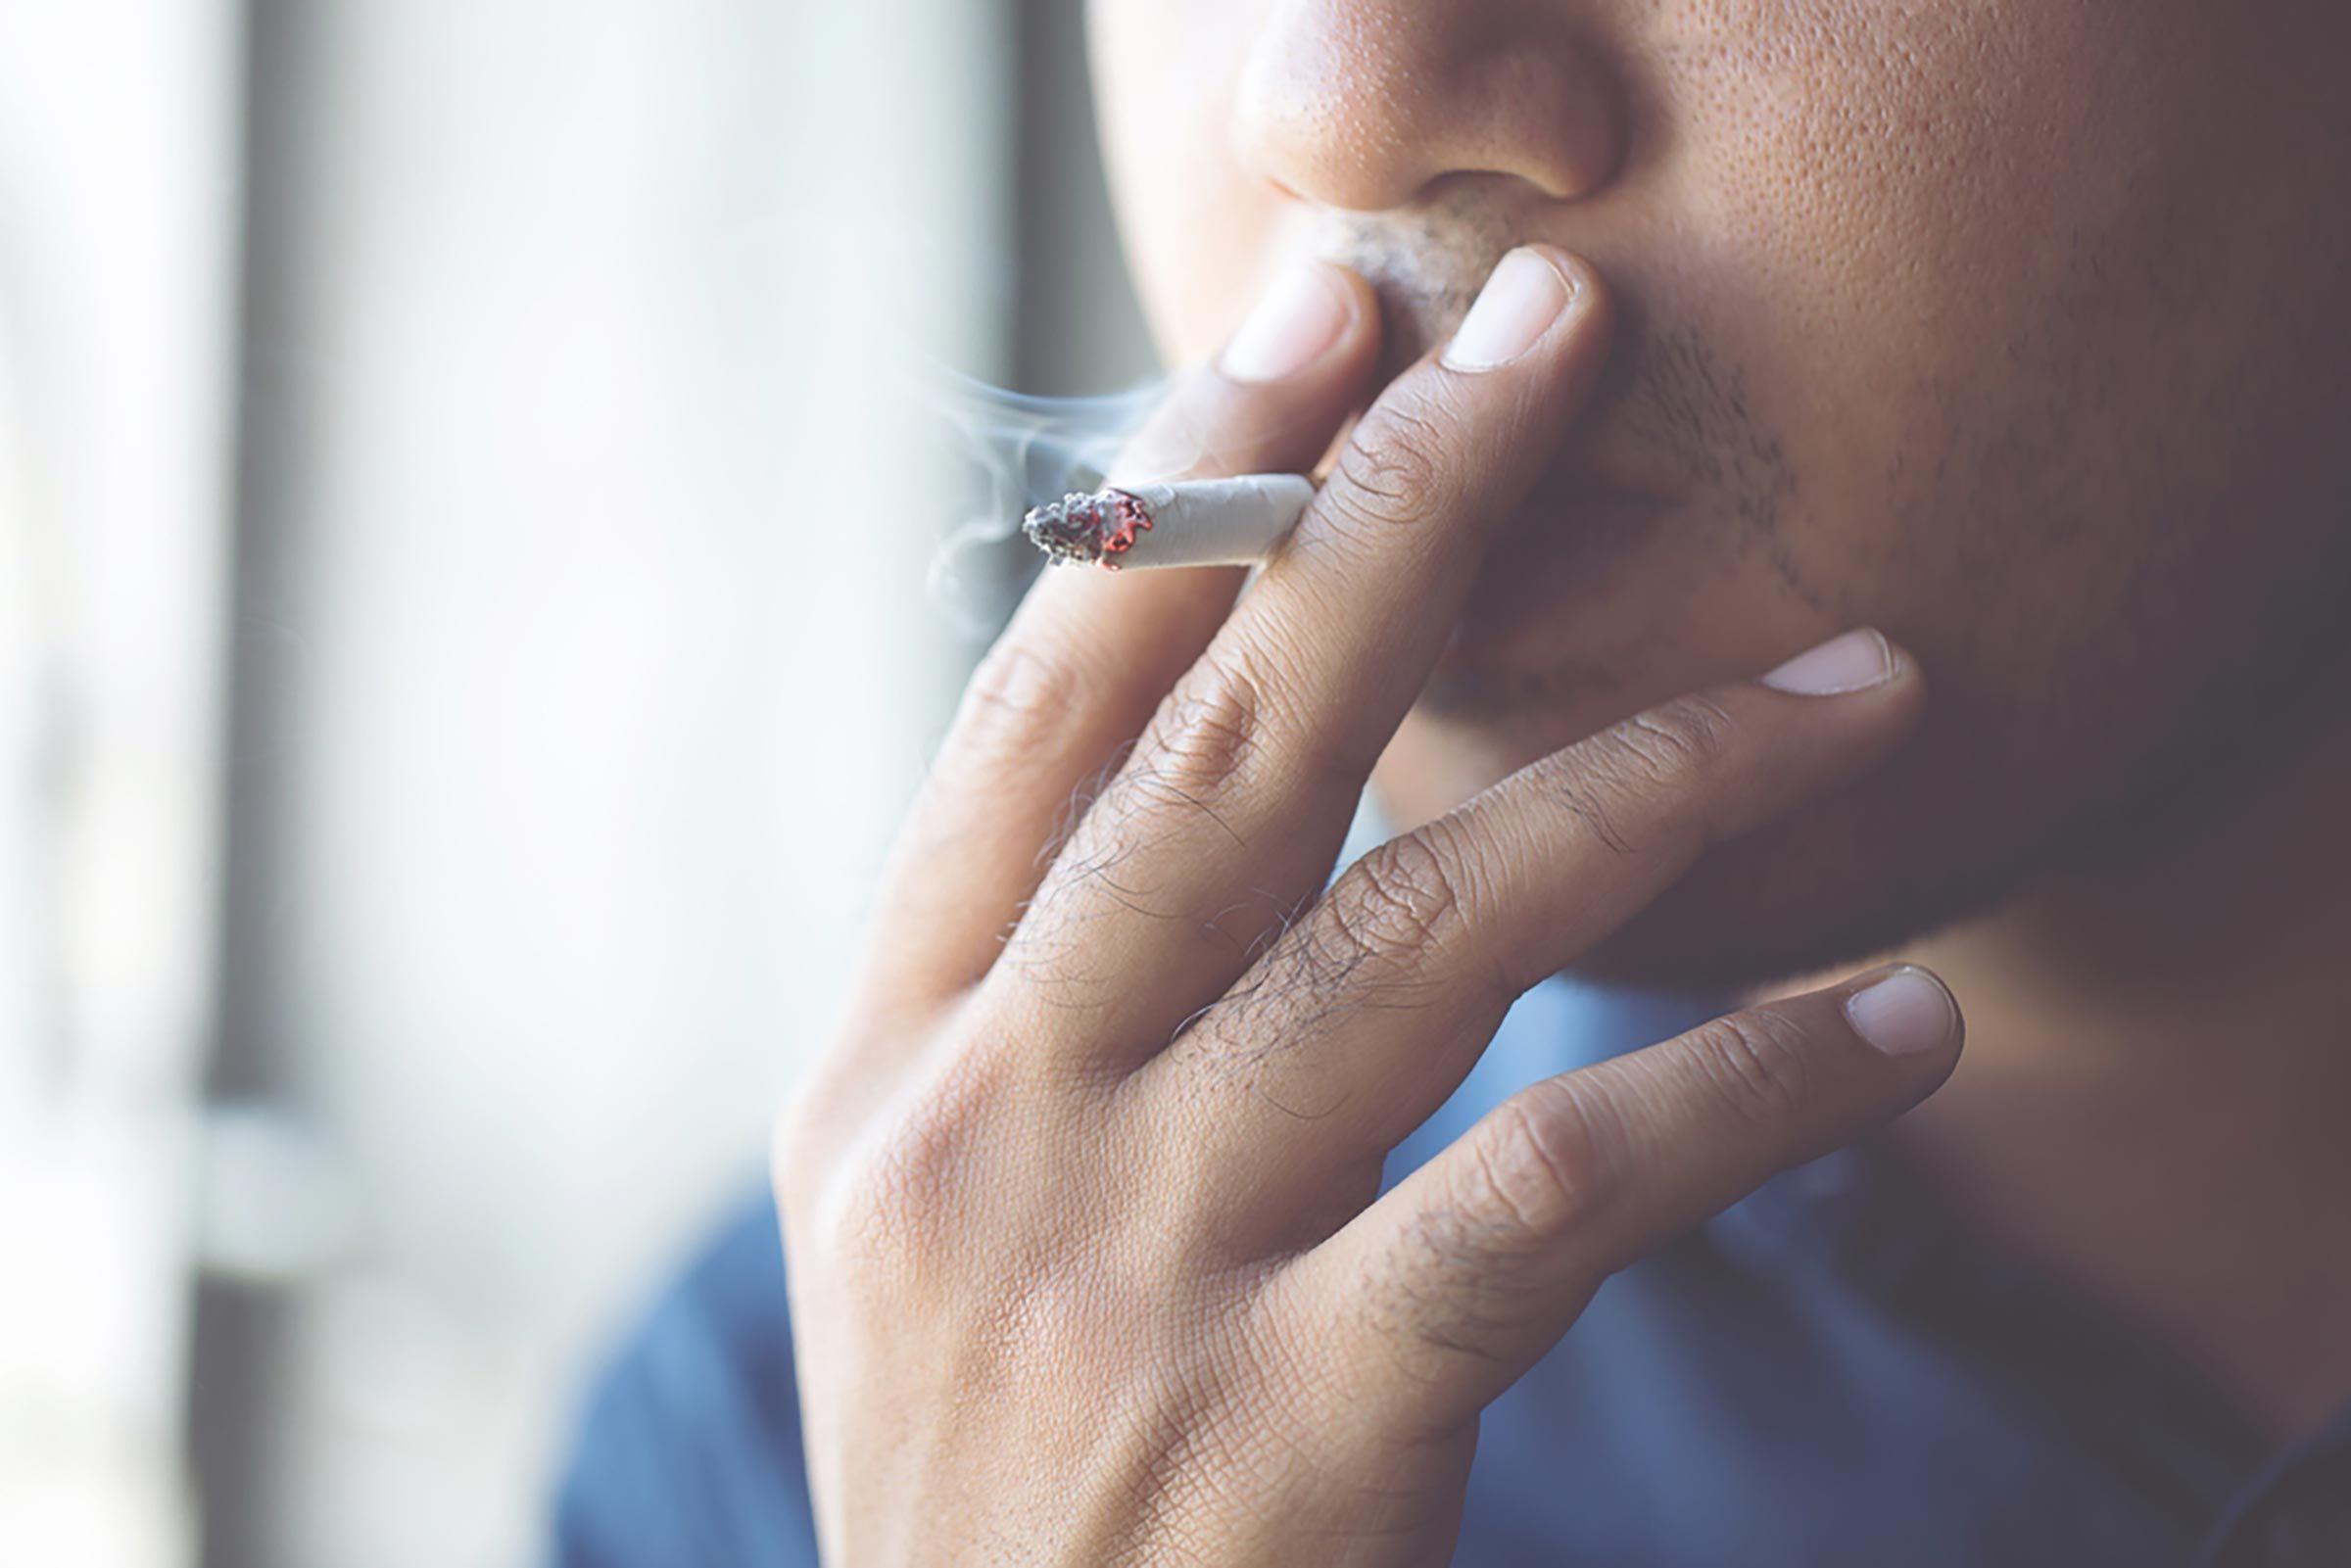 Conseil santé : ne pas fumer